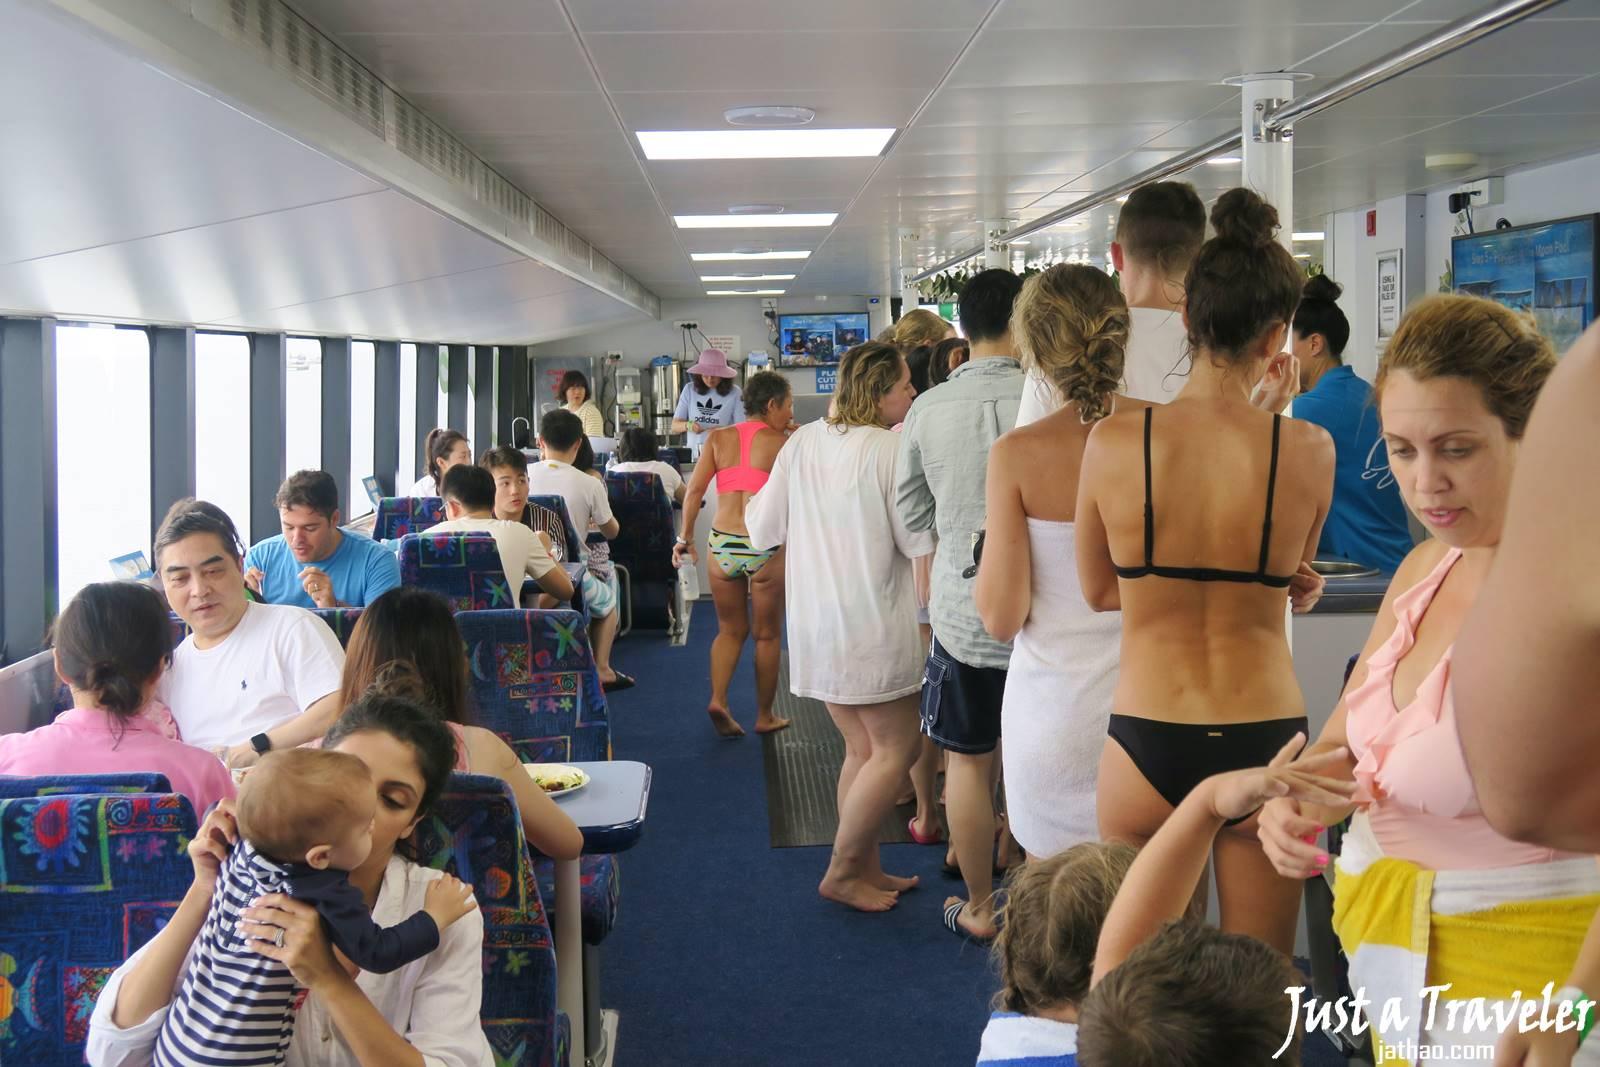 聖靈群島-景點-推薦-大堡礁-午餐-浮潛-潛水-行程-玩水-一日遊-遊記-攻略-自由行-旅遊-澳洲-Whitsundays-Great-Barrier-Reef